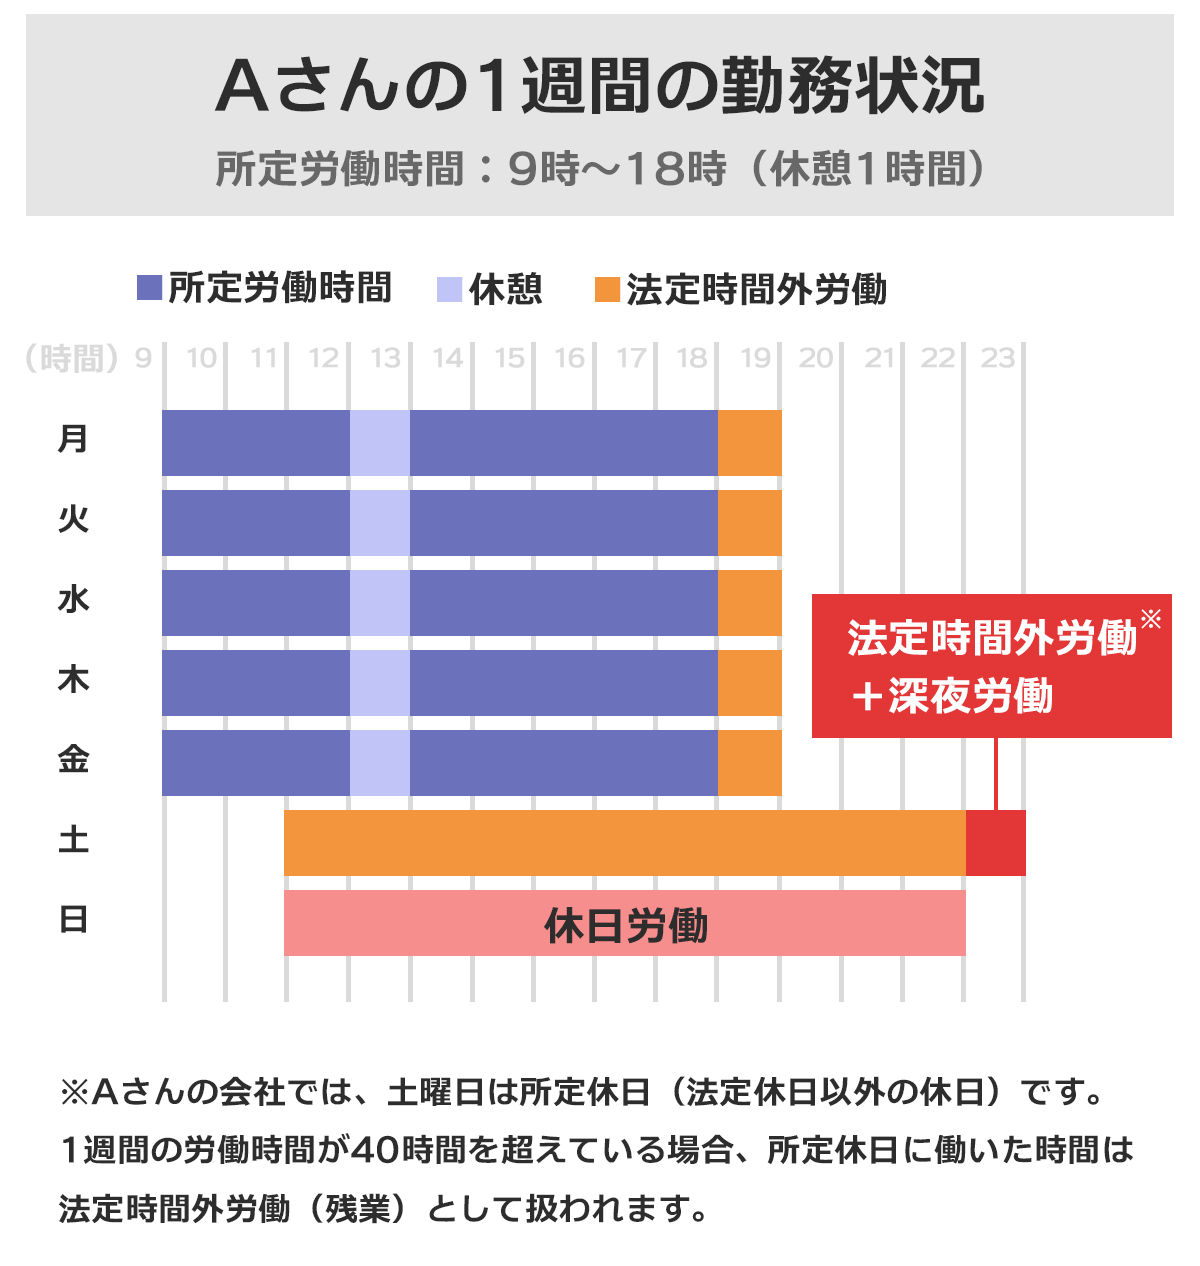 Aさんの1週間の勤務状況を示した図表。Aさんの会社では、土曜日は所定休日(法定休日以外の休日)。1週間の労働時間が40時間を超えている場合、所定休日に働いた時間は法定時間外労働(残業)として扱われる。